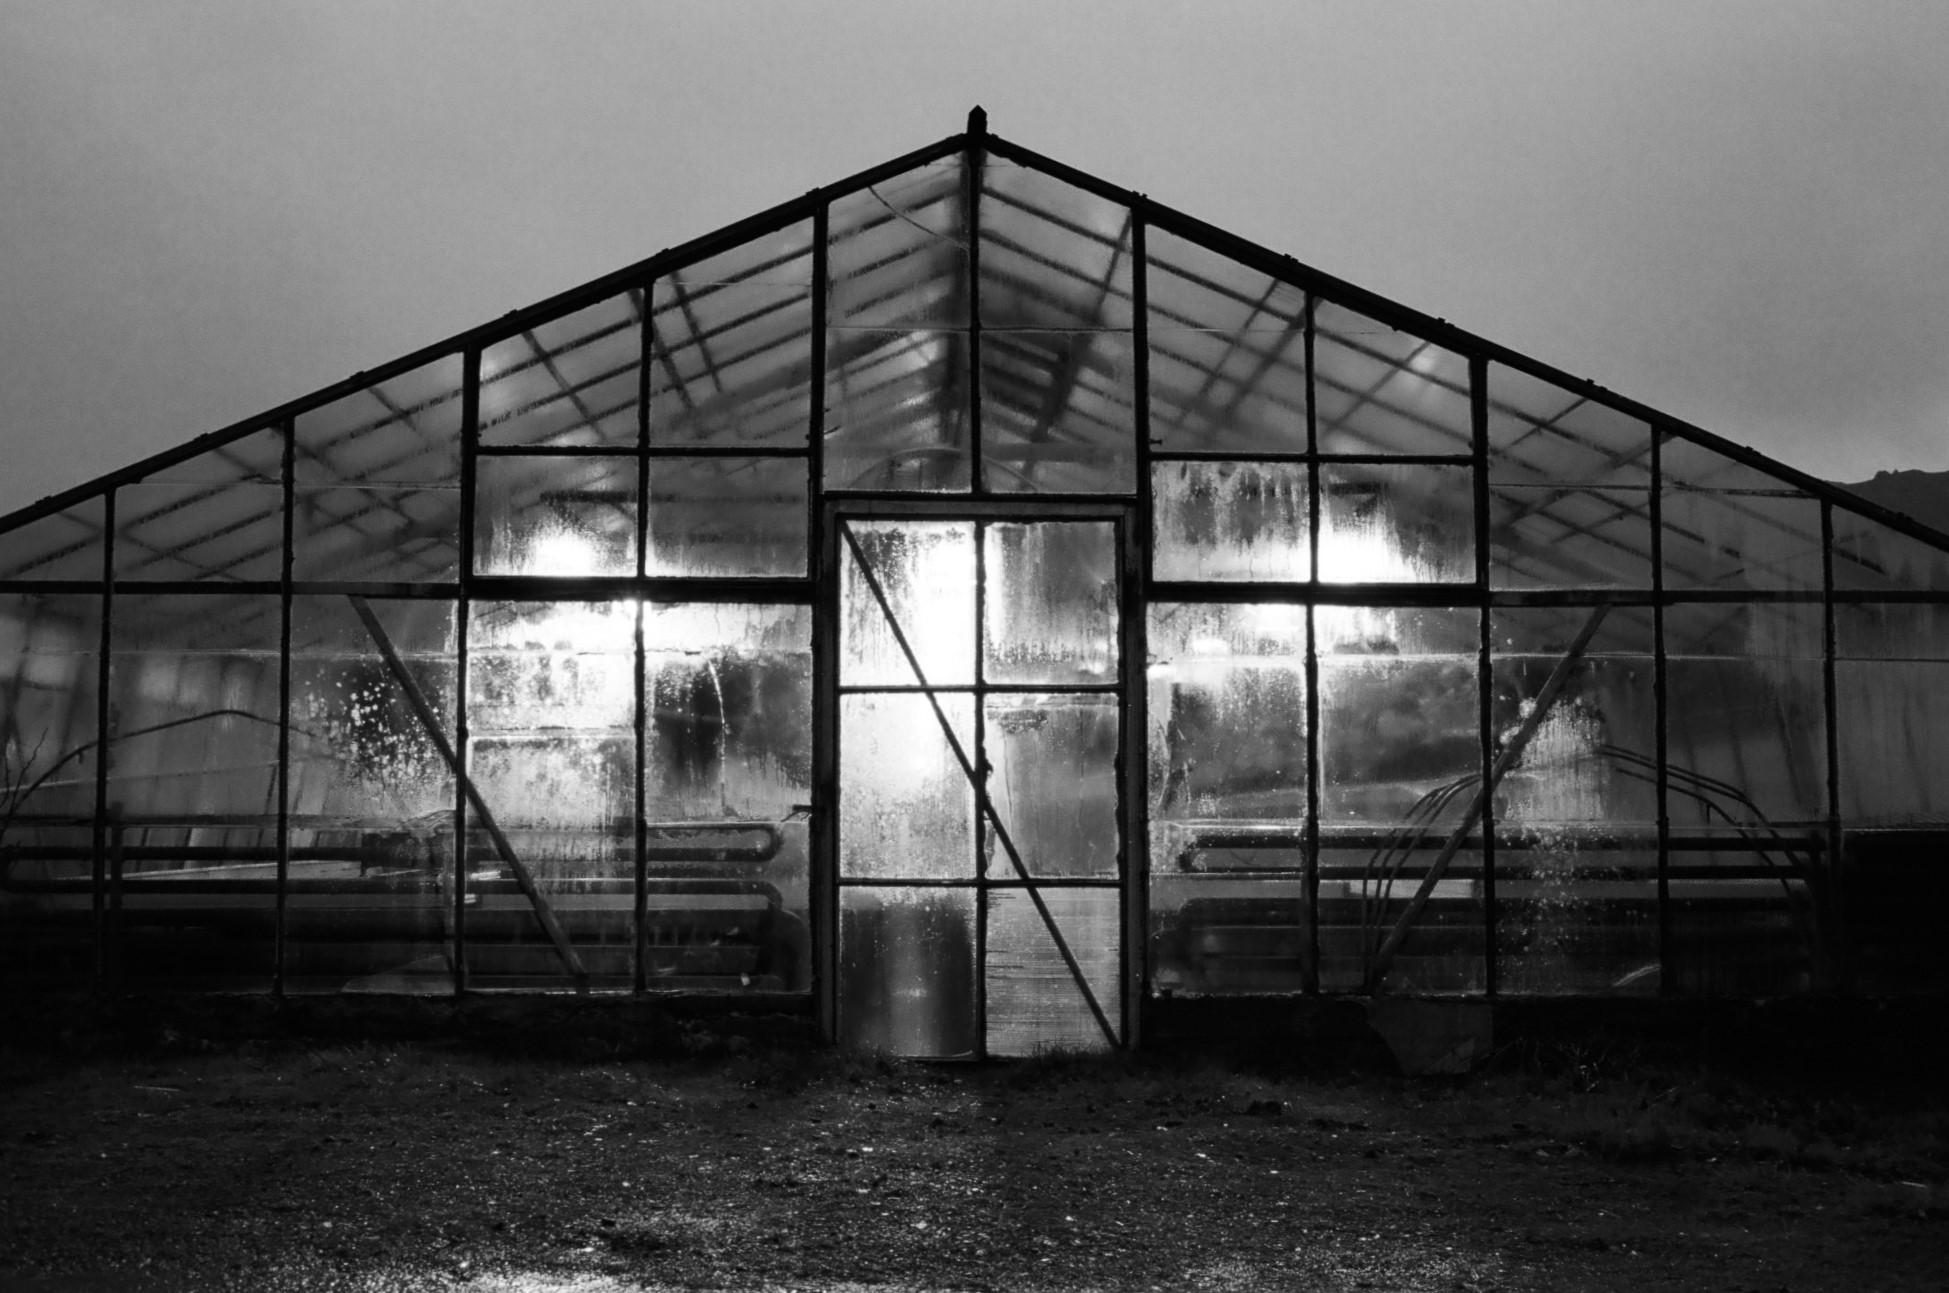 Greenhouse in Hveragerði